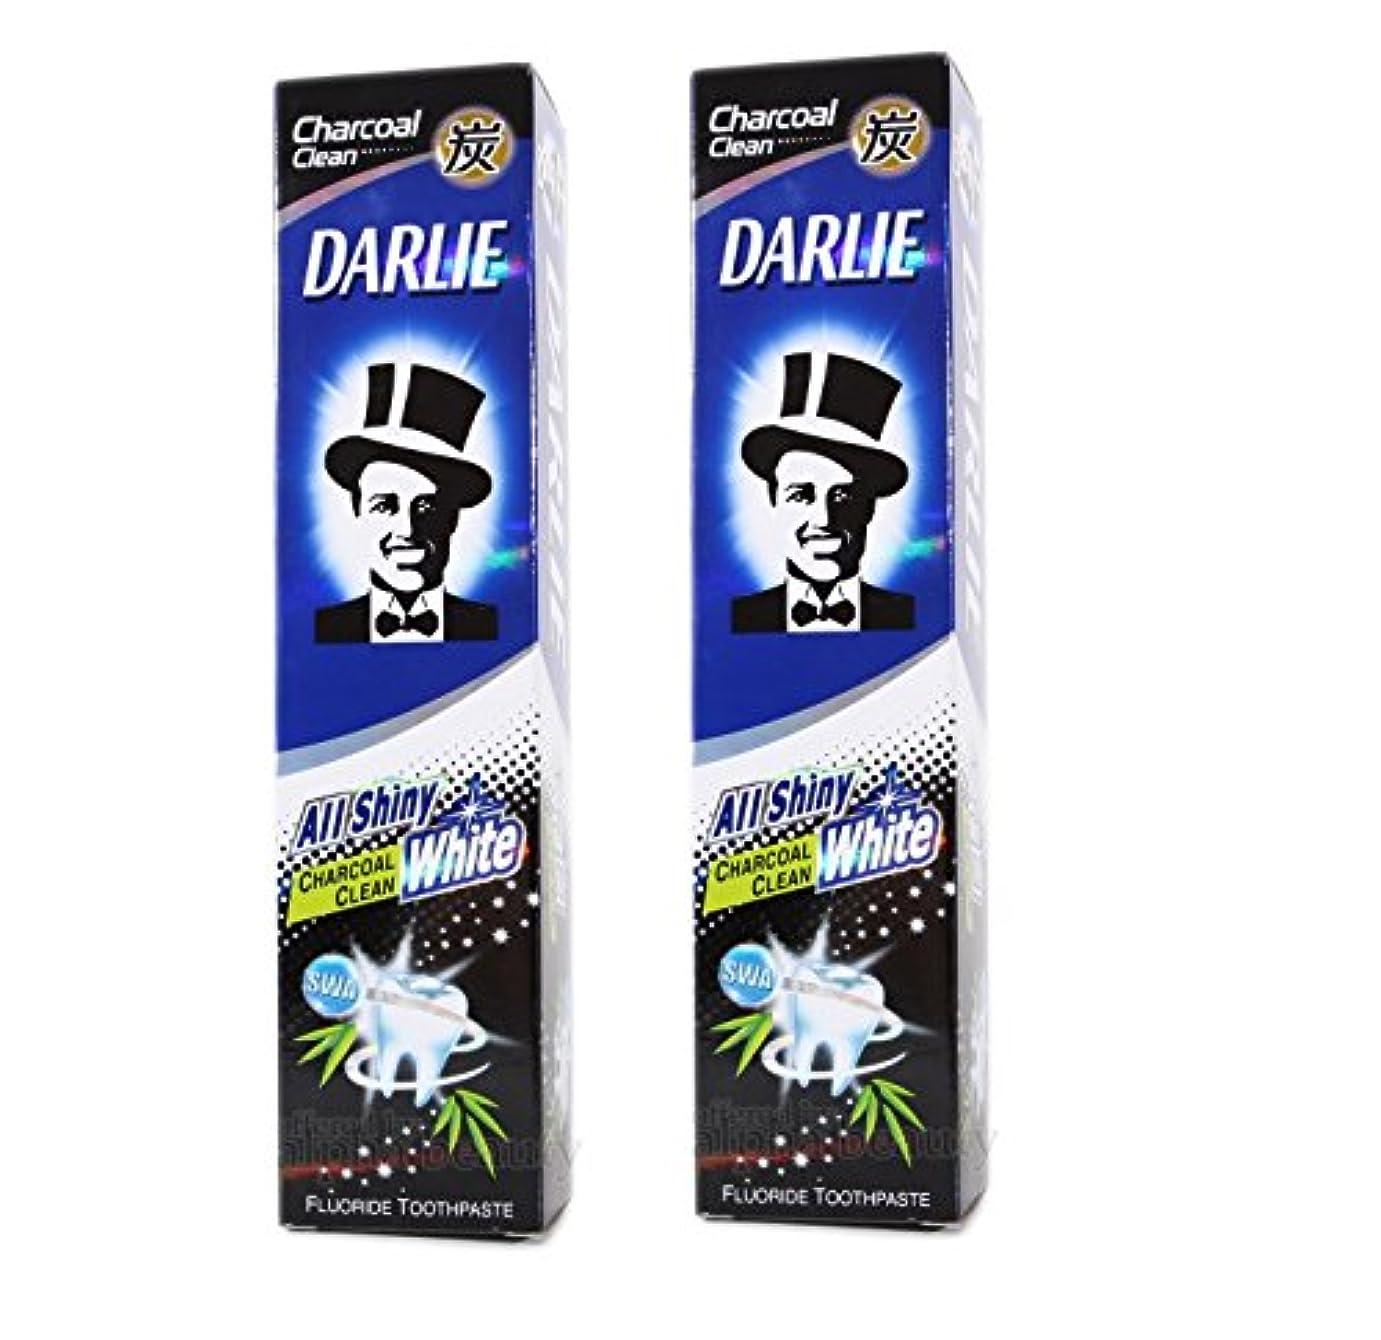 致命的なワームインキュバス2 packs of Darlie Charcoal All Shiny Whitening Toothpaste by Darlie